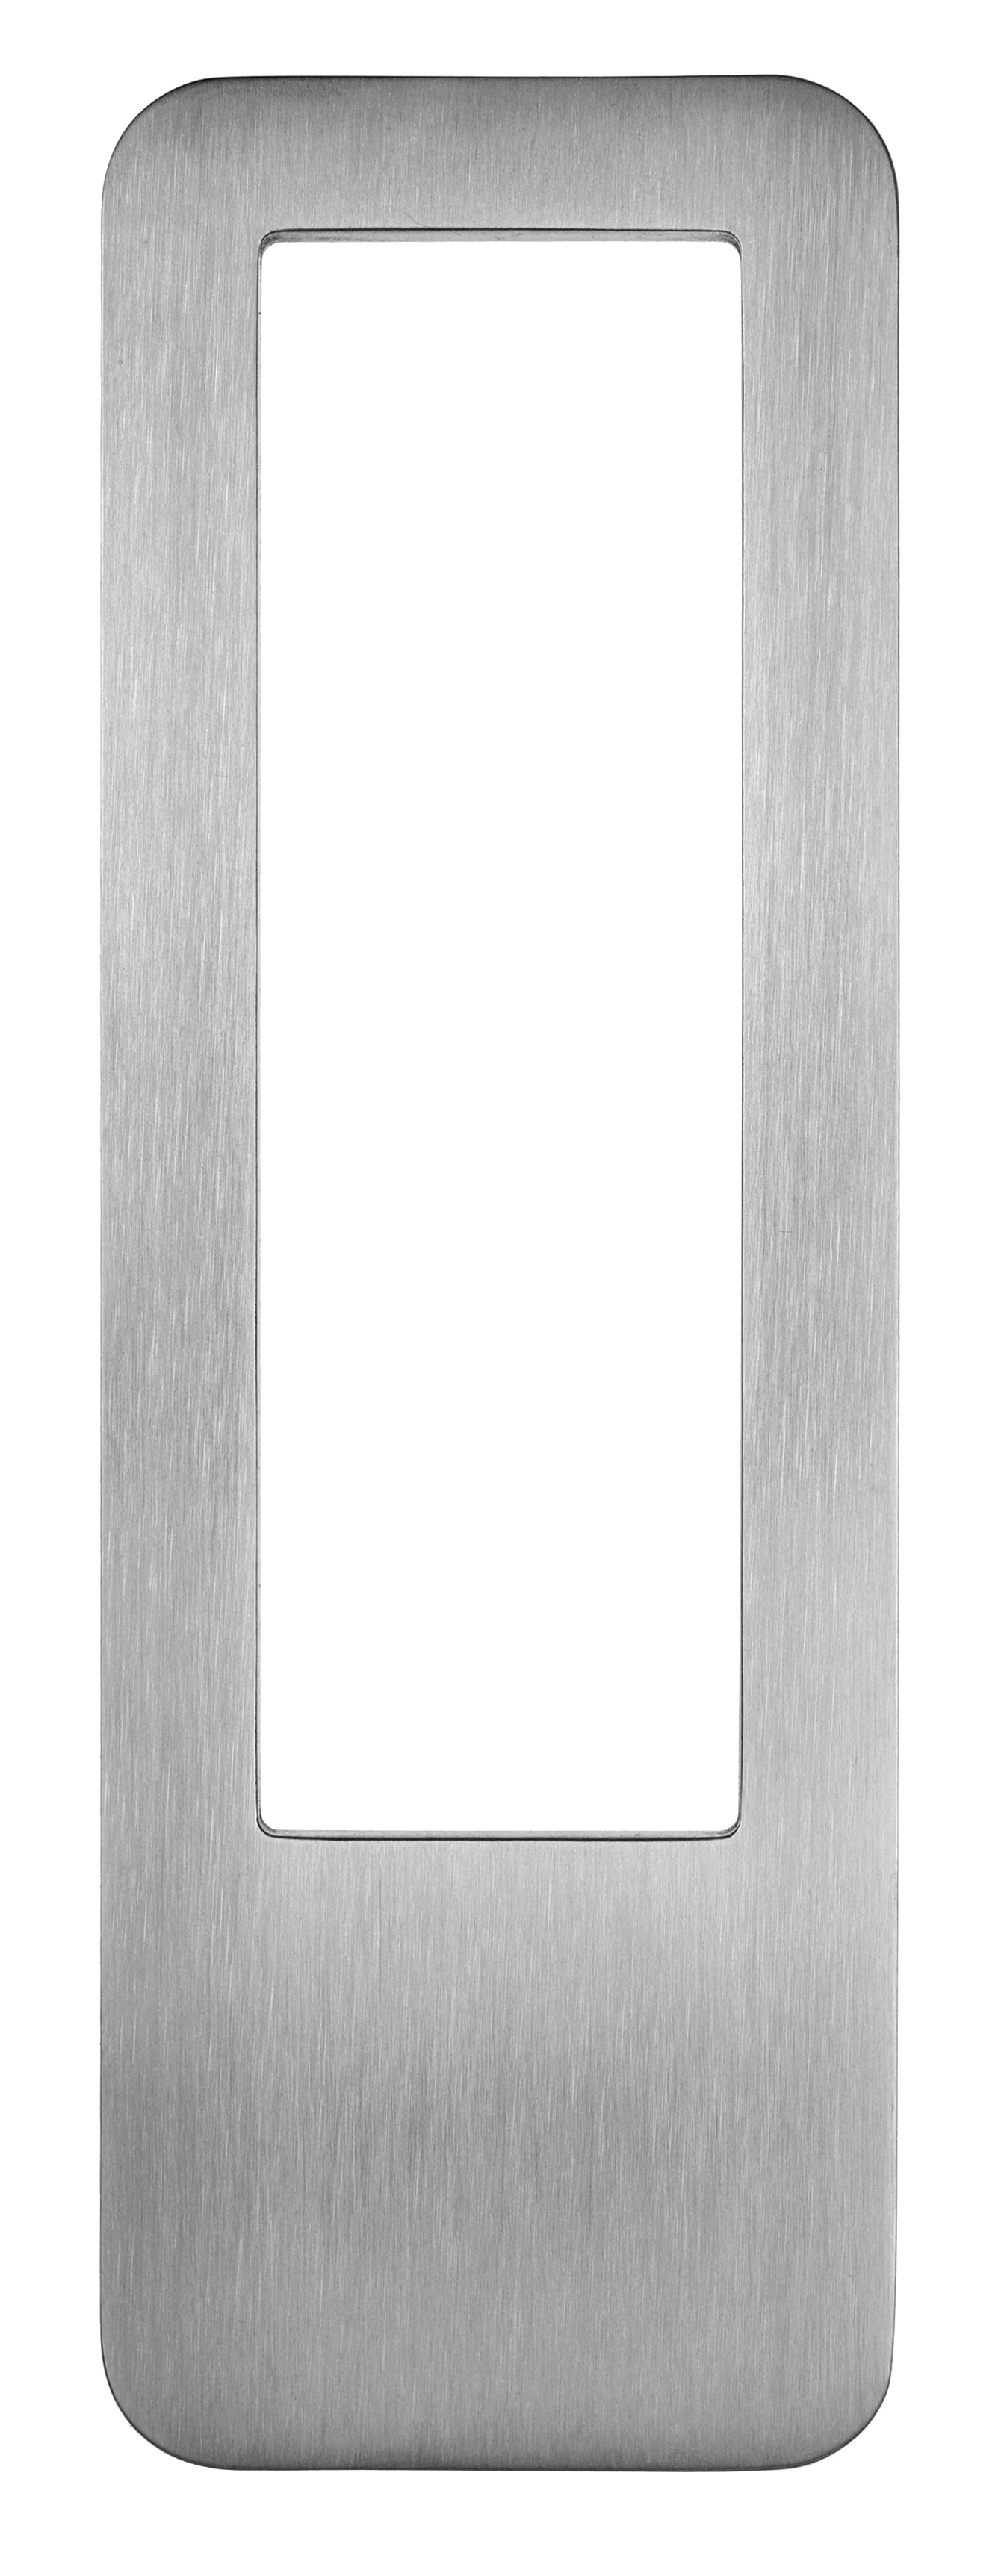 beschlaege online didheya sly rechteckiger schiebet rgriff mit griffmulde i 4060 zum kleben h. Black Bedroom Furniture Sets. Home Design Ideas